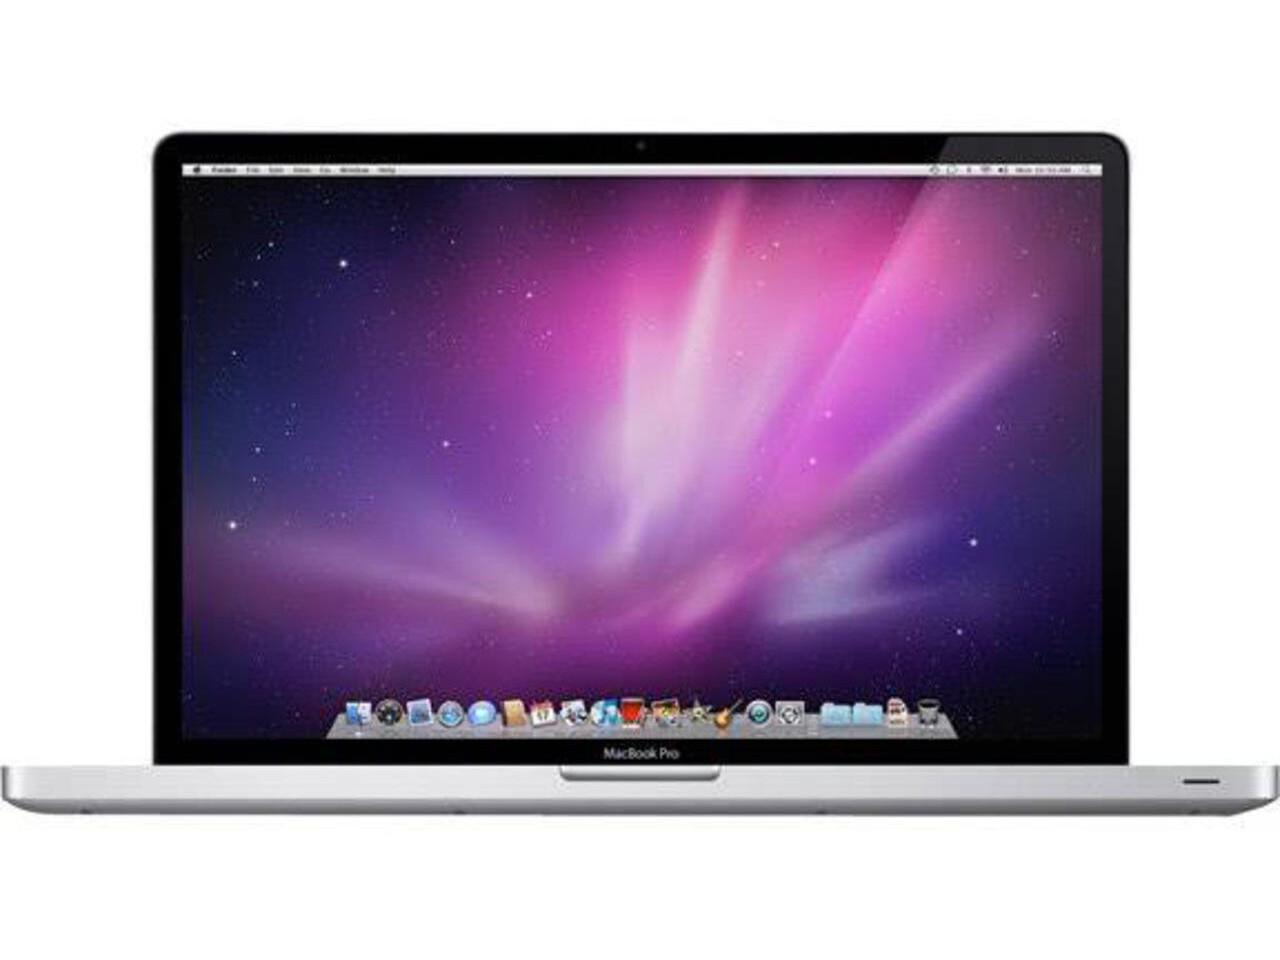 macbook pro 15 inch nr 2011 silver